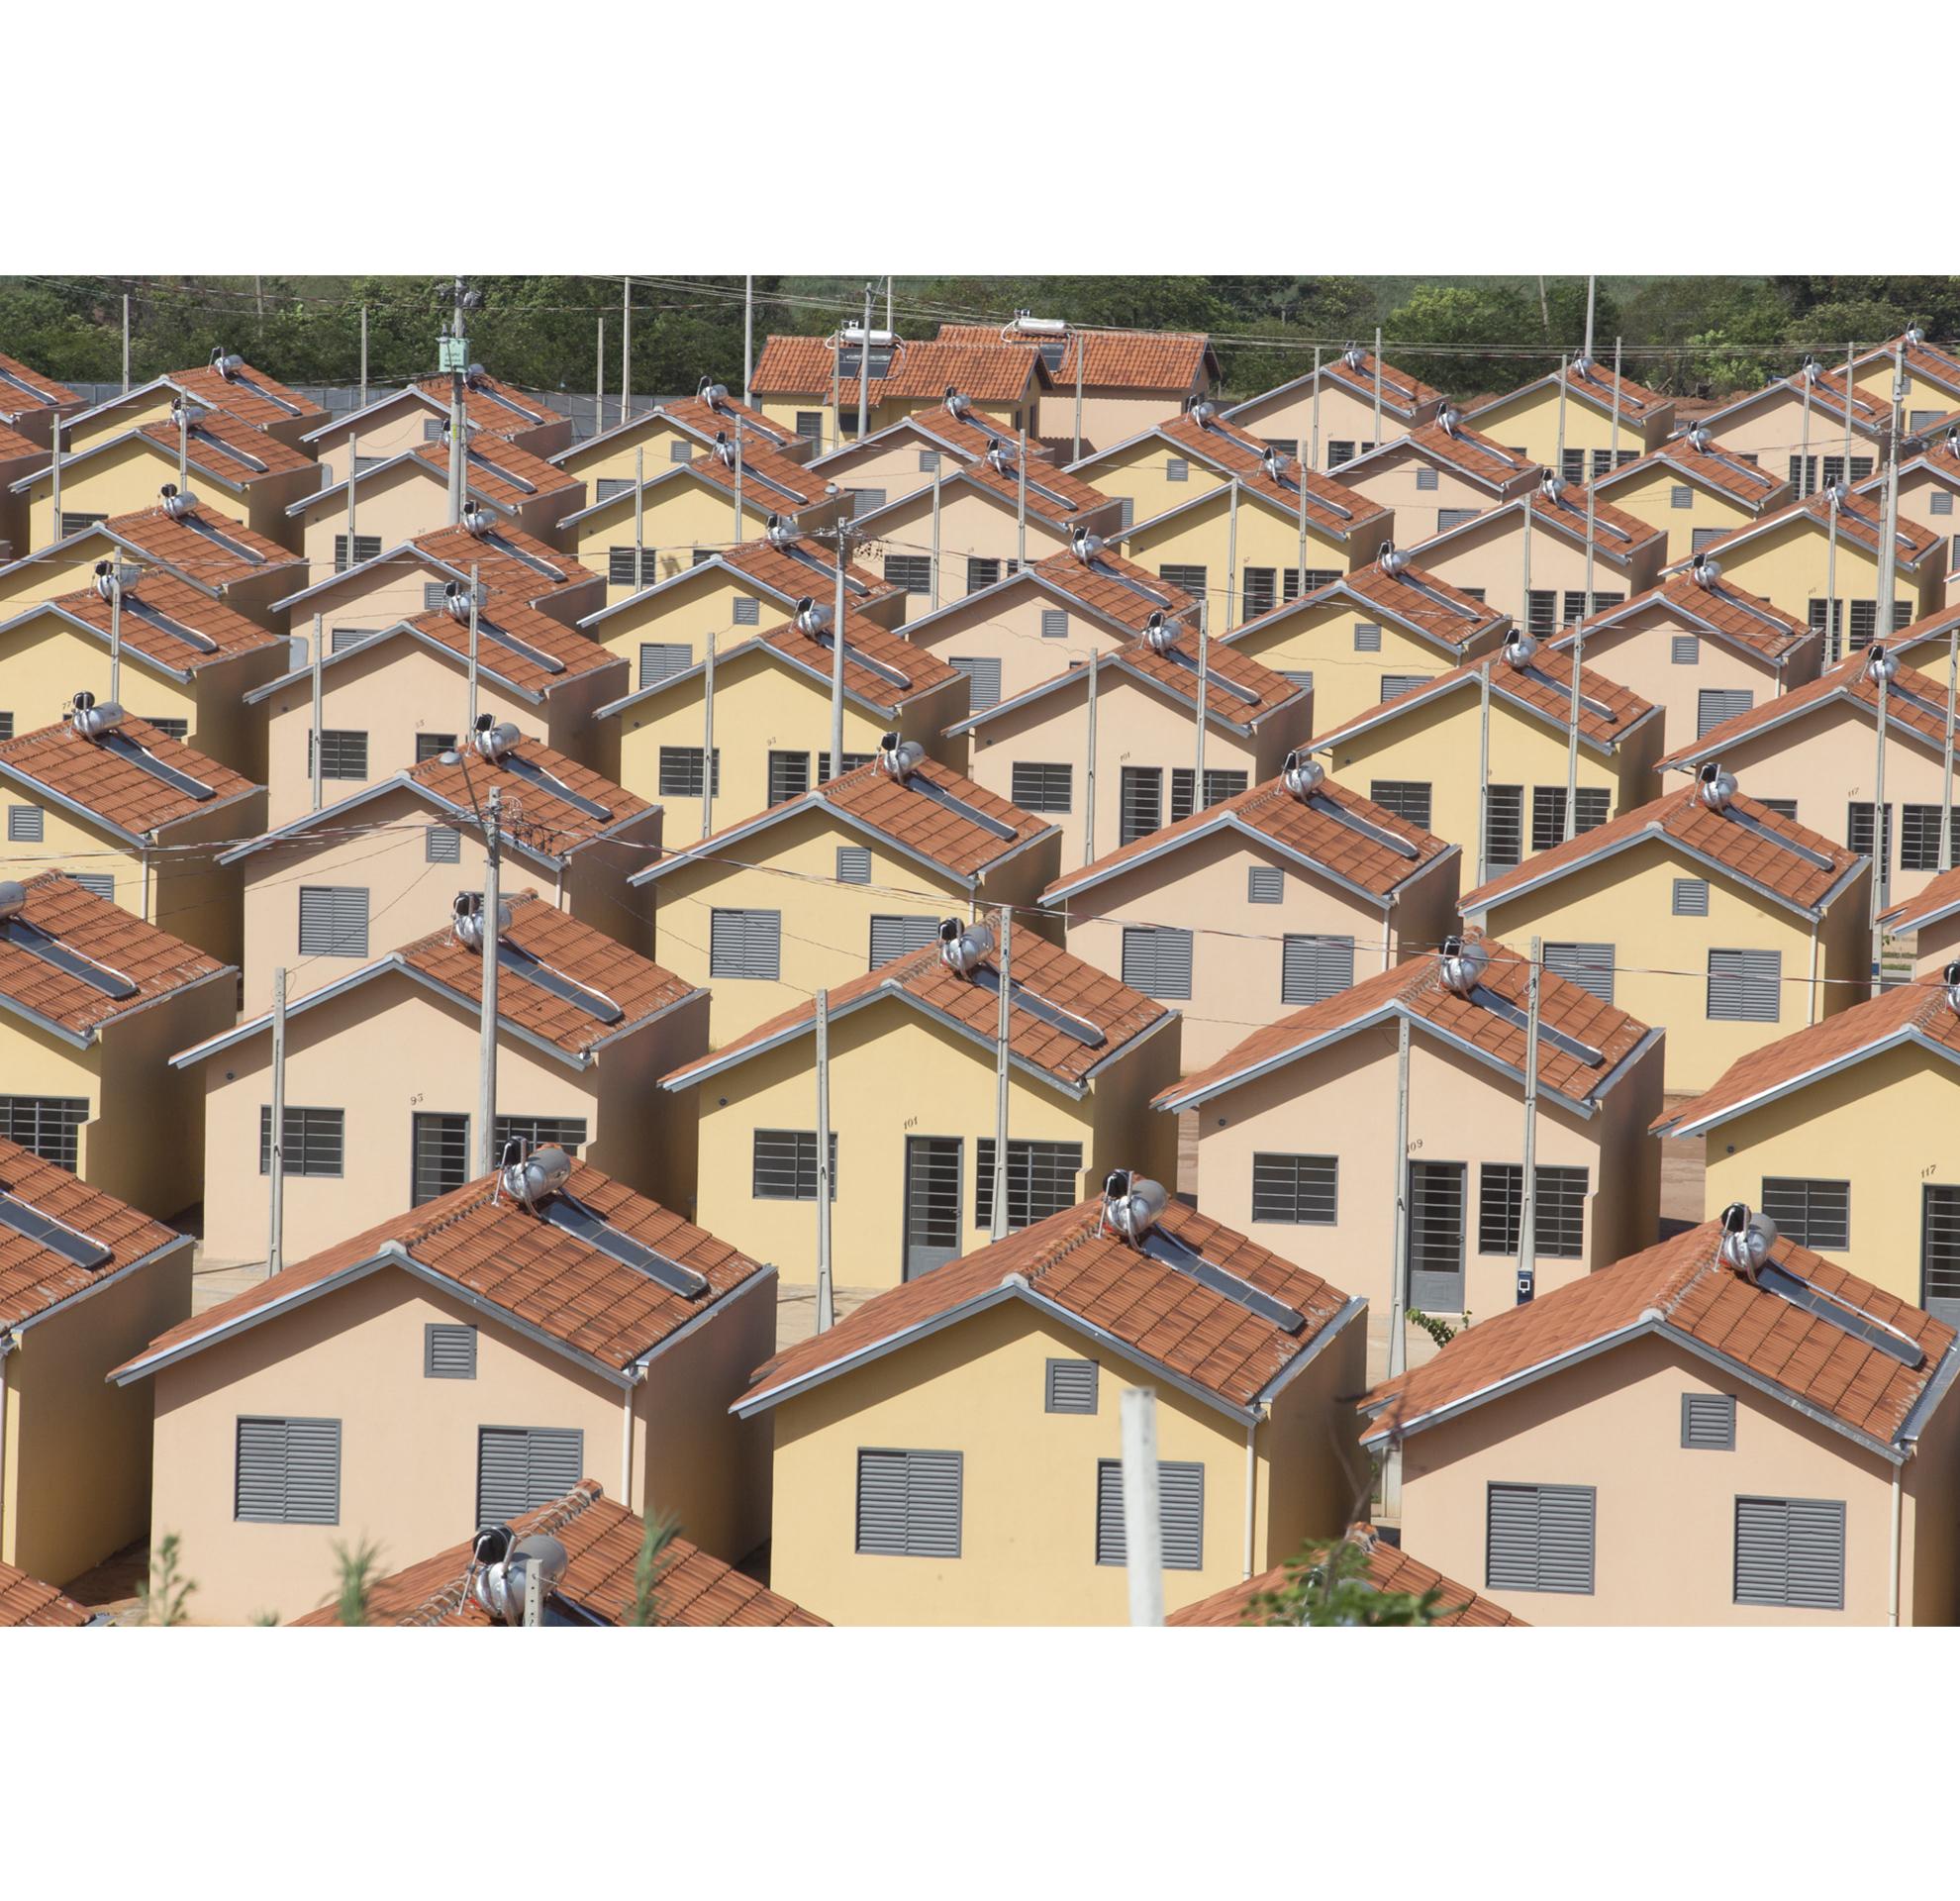 Governo anuncia novas metas f sicas de contrata o do minha casa minha vida para 2018 cbic for Casa governo it 2018